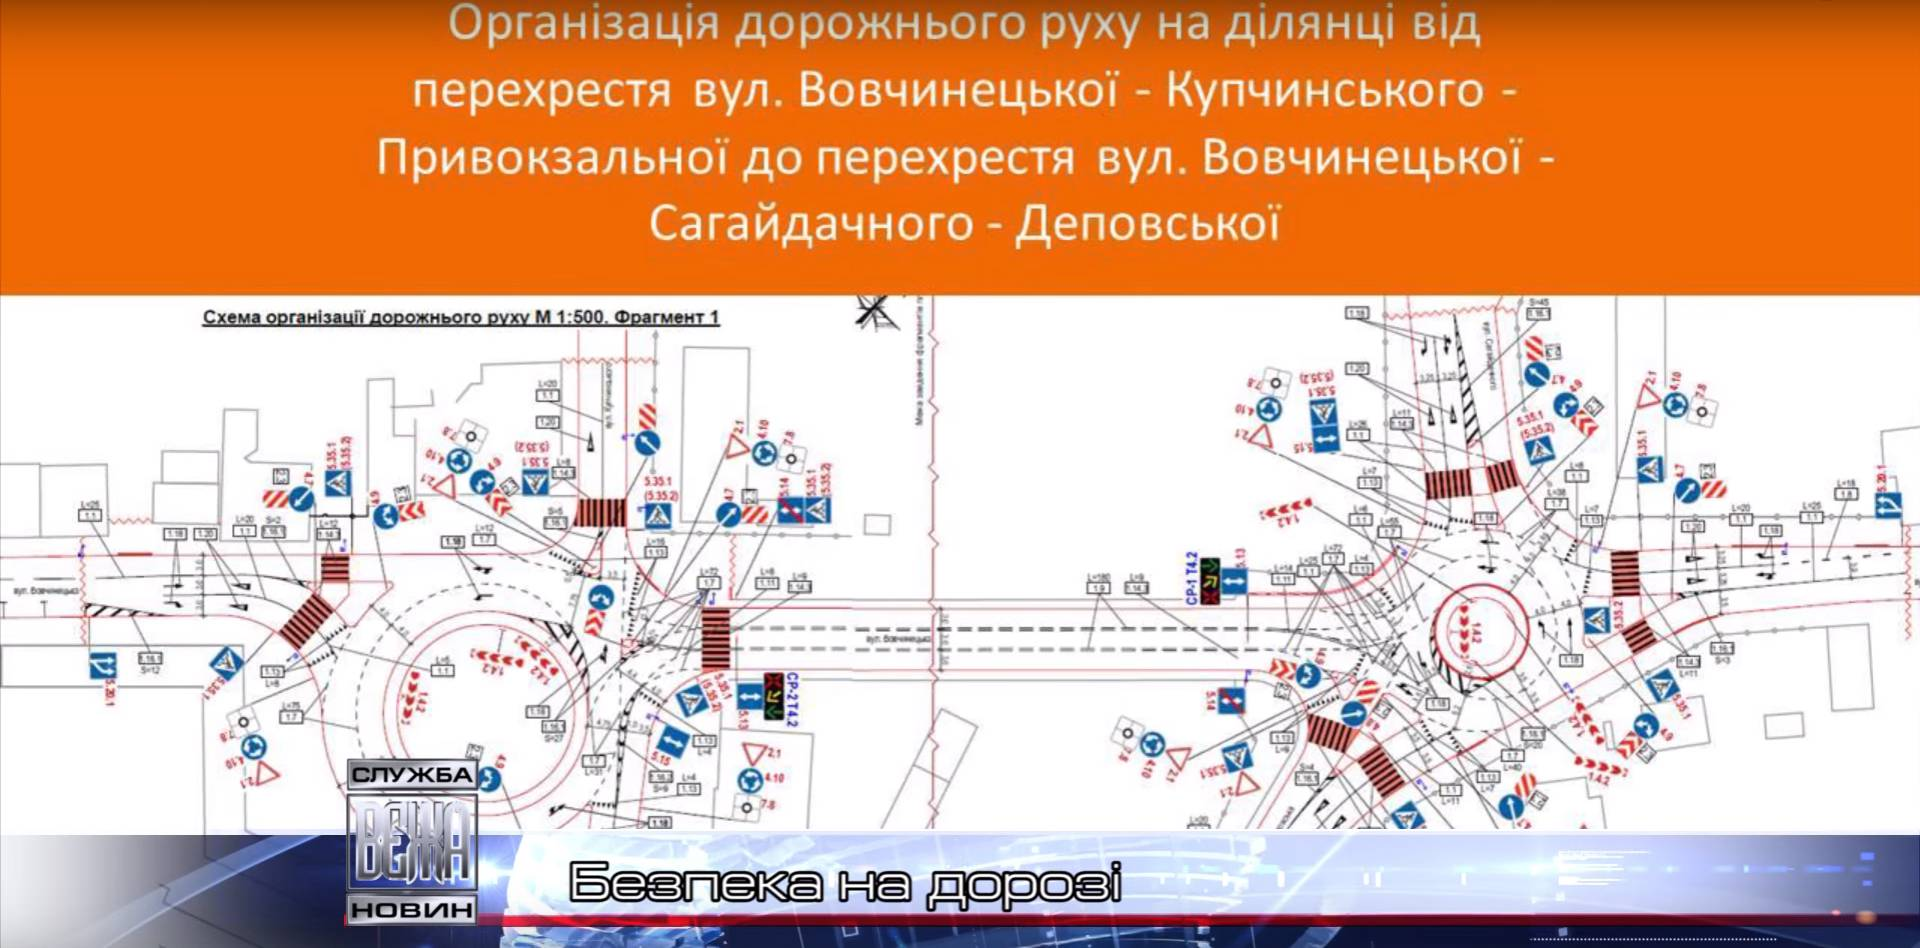 Одним з нововведень комунального Департаменту стане запровадження реверсивного руху (ВІДЕО)